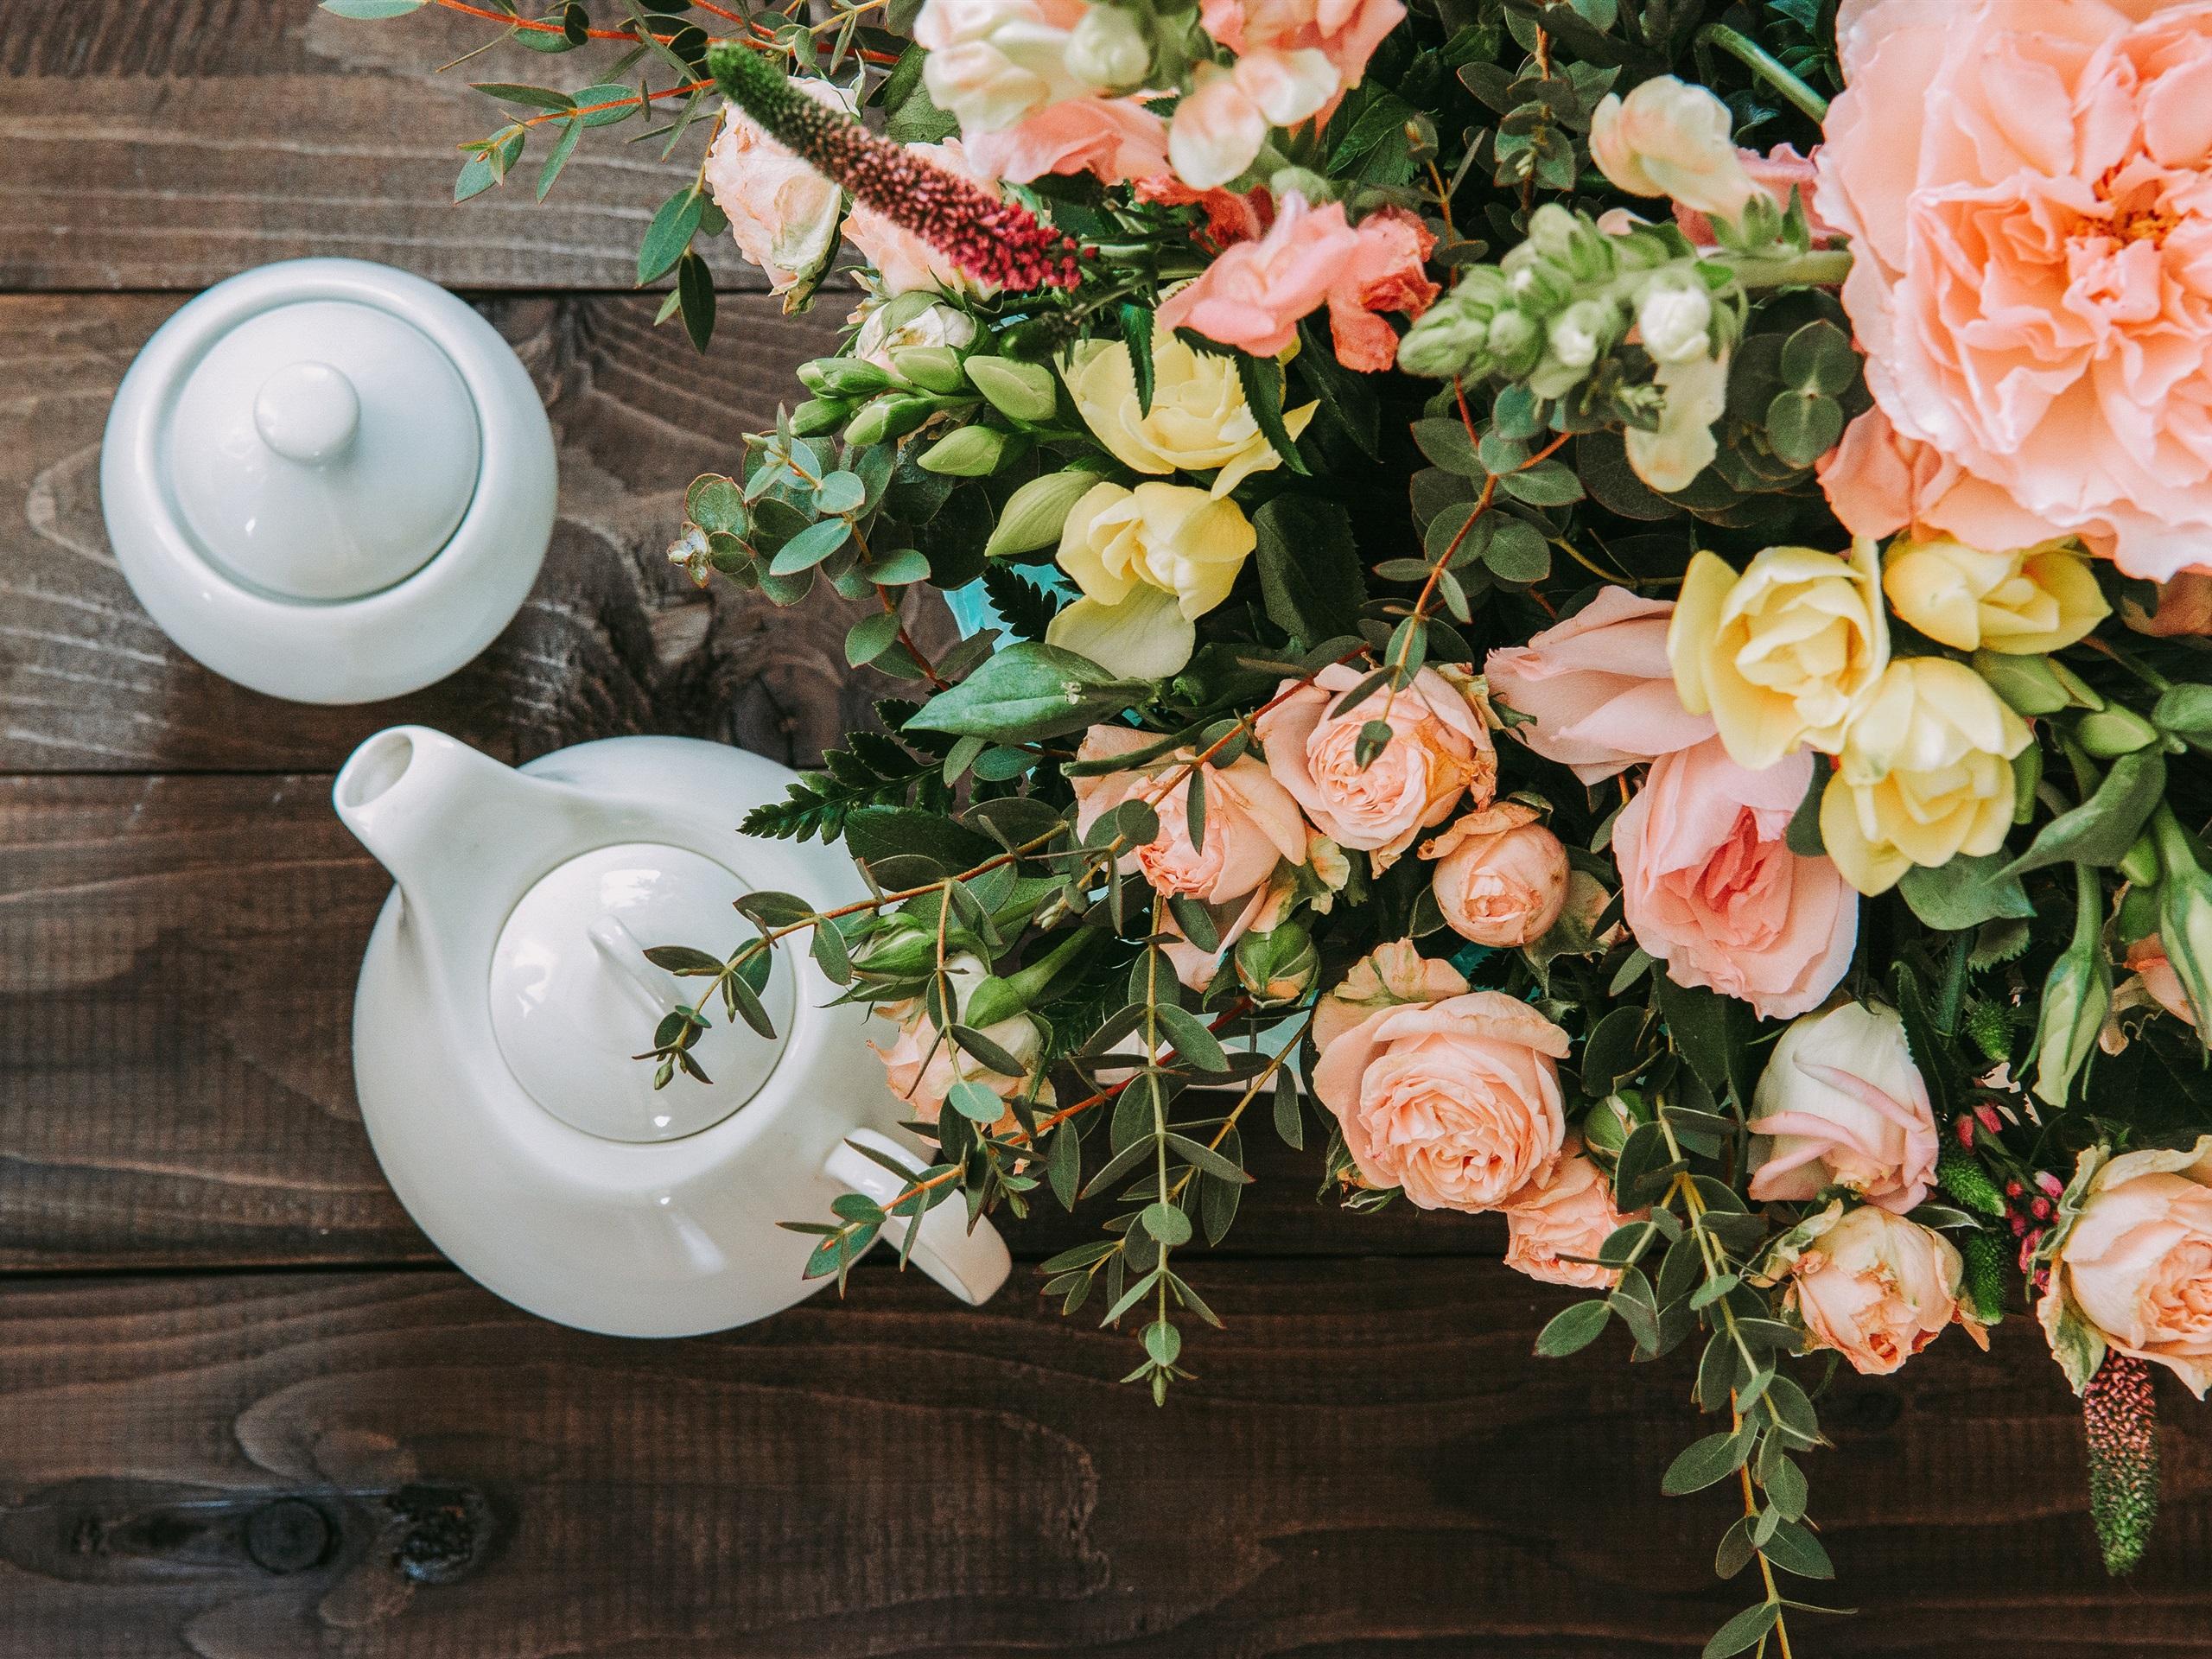 привлечь деньги цветы чая картинки политкорректной